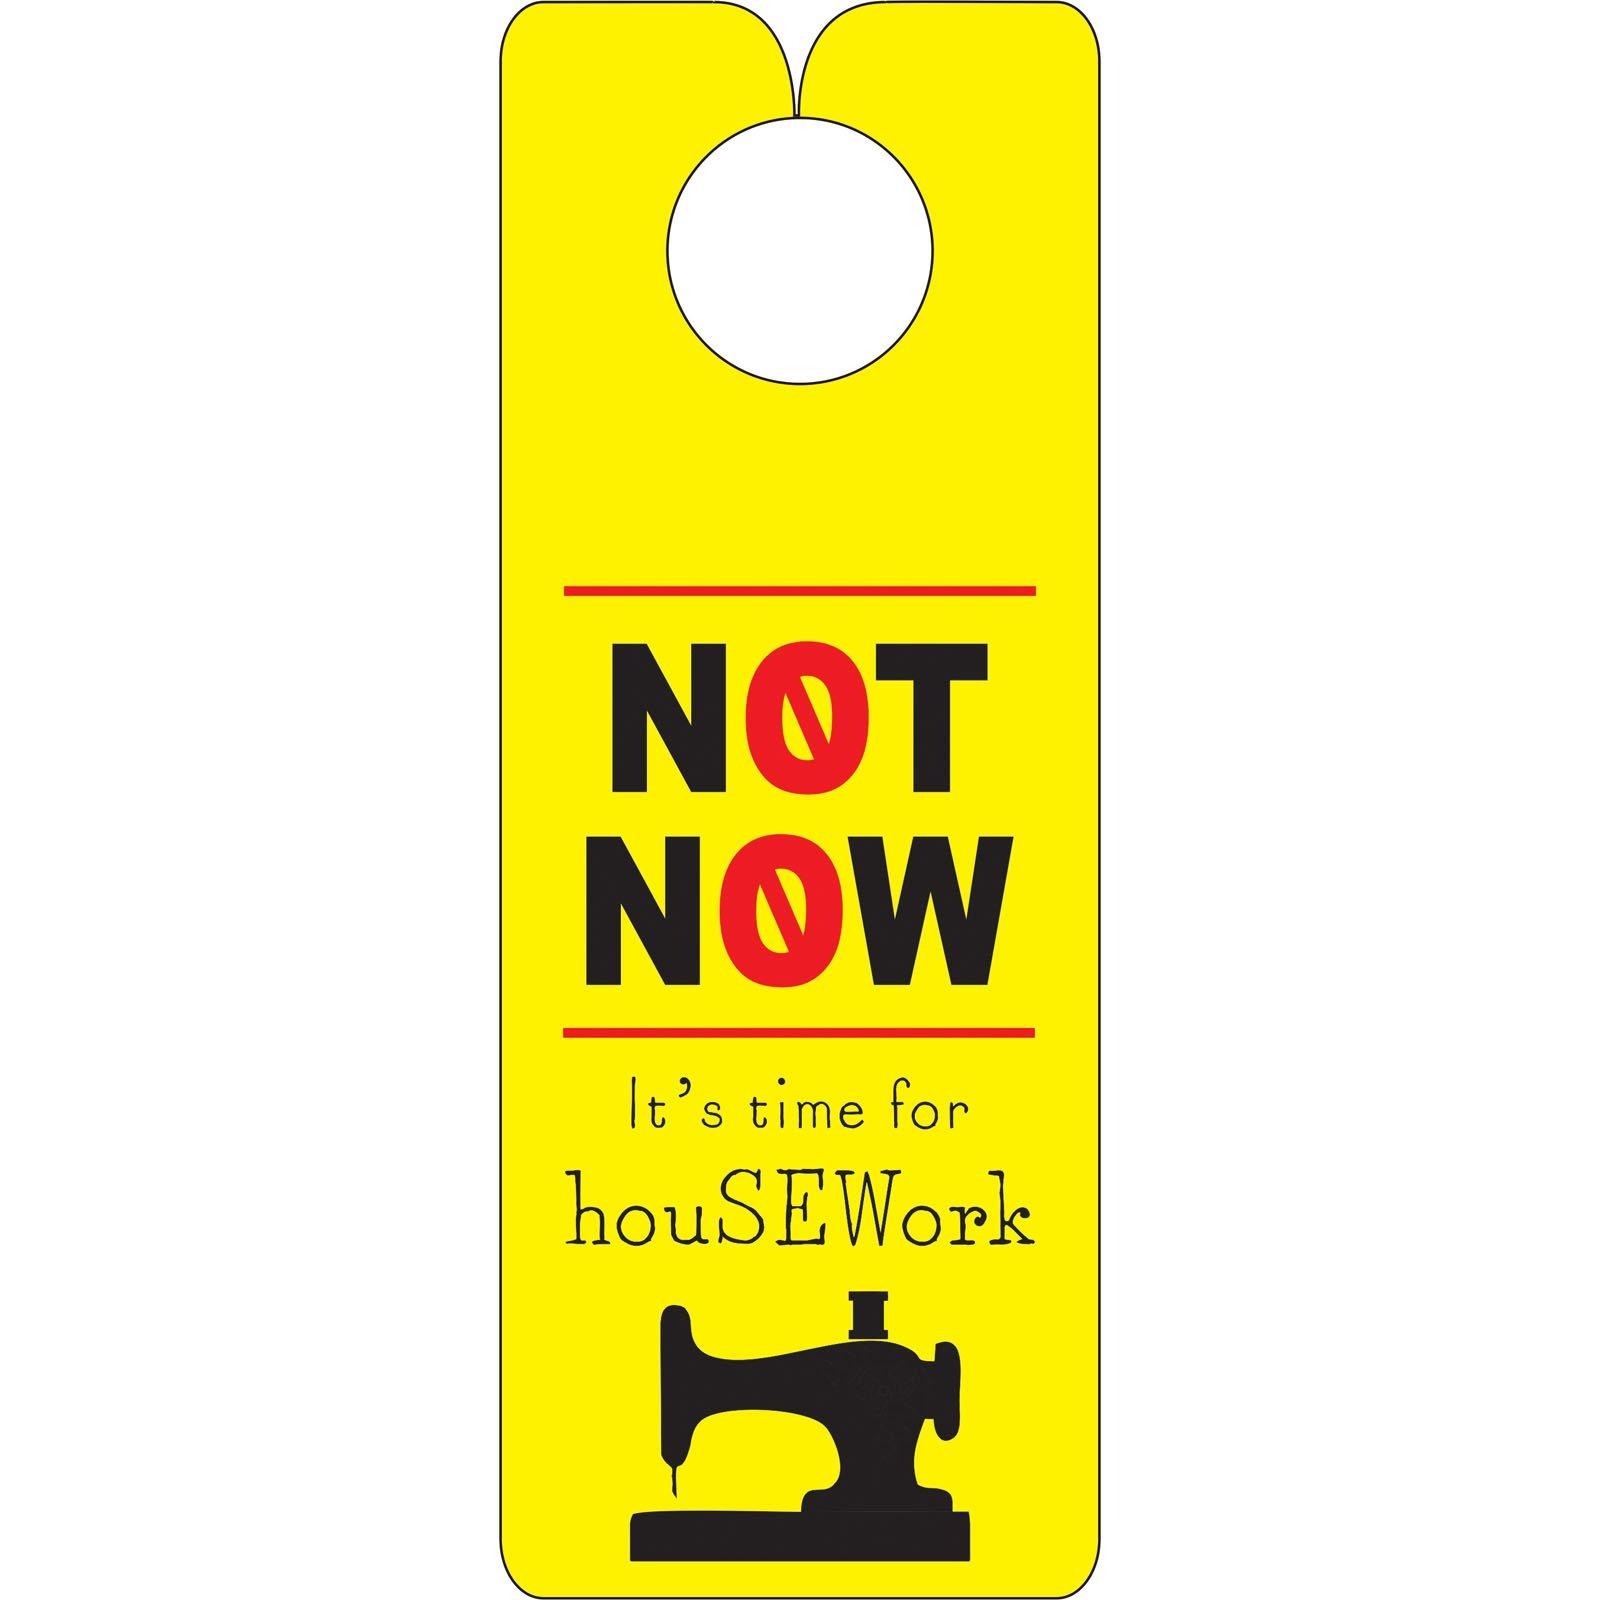 Knobie Talk - houSEWork